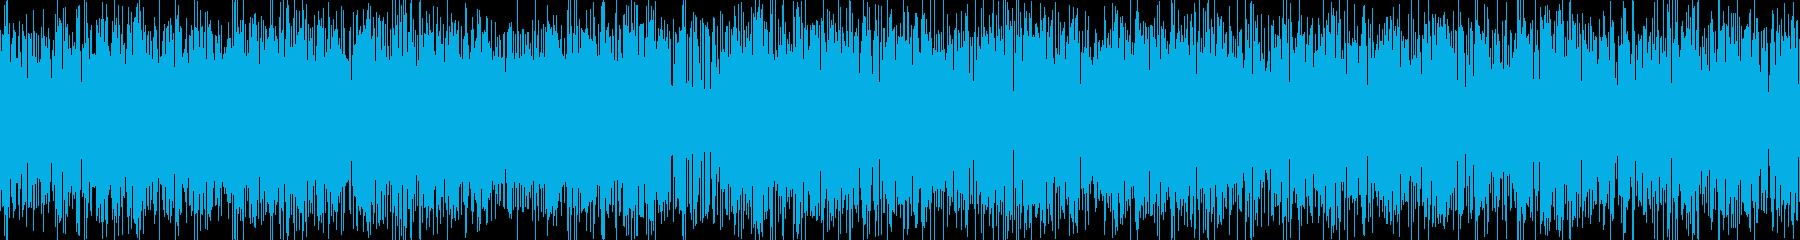 ザー音の再生済みの波形